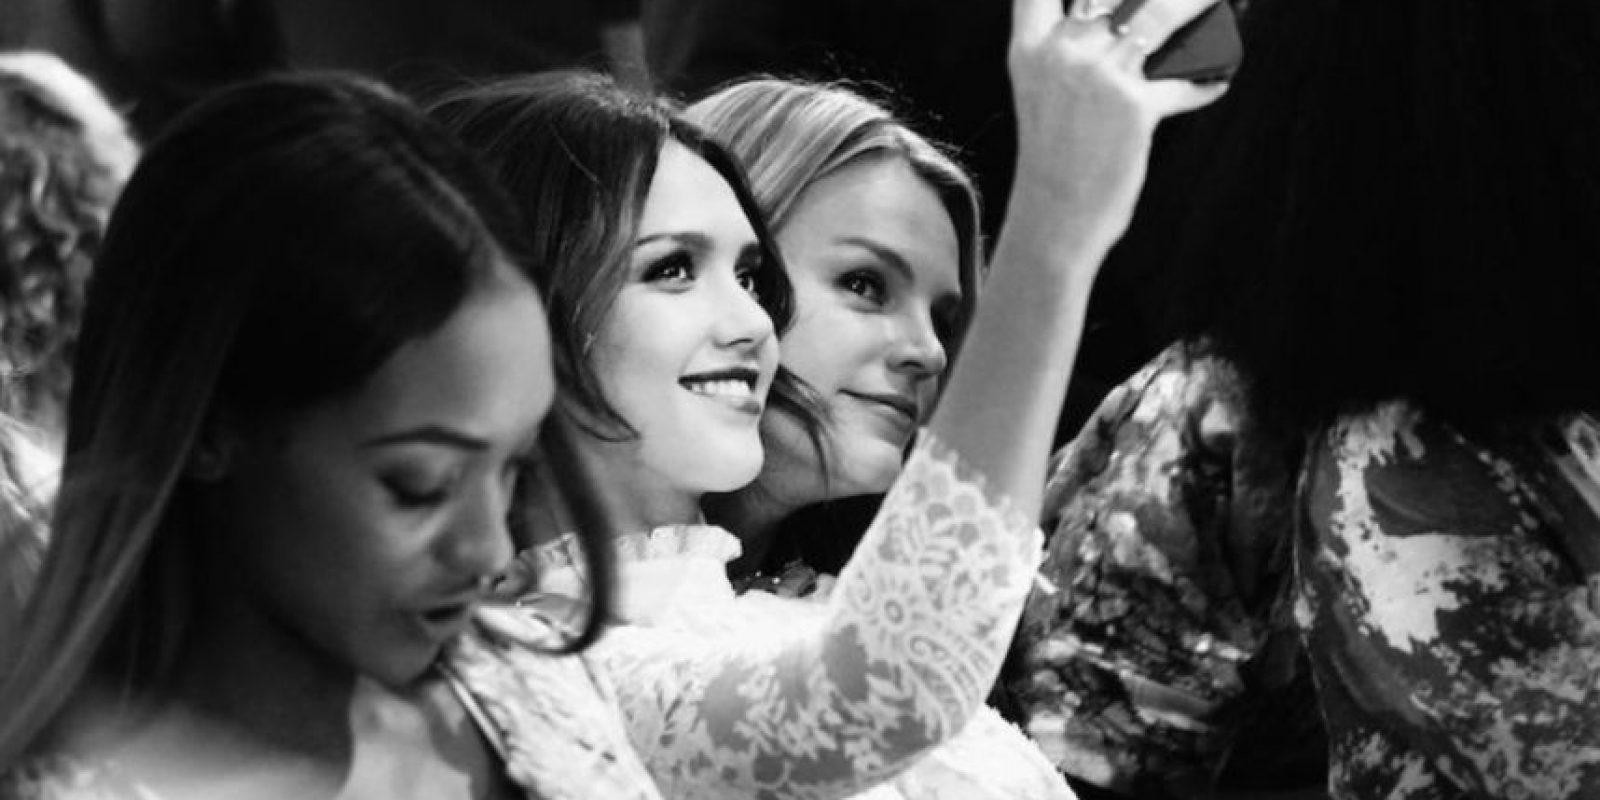 Las mujeres más expuestas a selfies y fotografías de mujeres atractivas tenían una opinión menos positiva sobre su cuerpo Foto:Getty Images